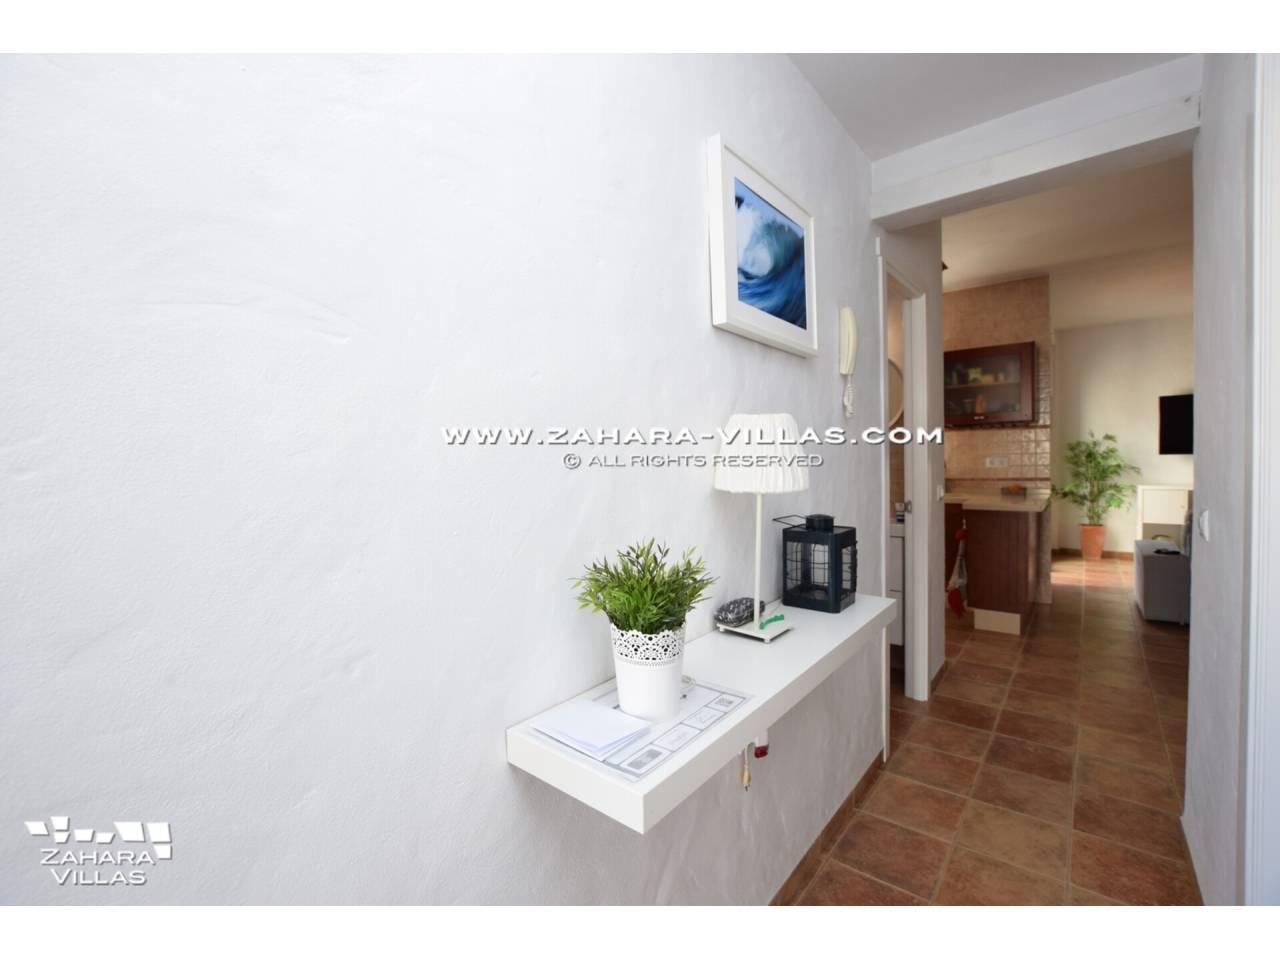 Imagen 18 de Haus zum verkauf in Zahara de los Atunes